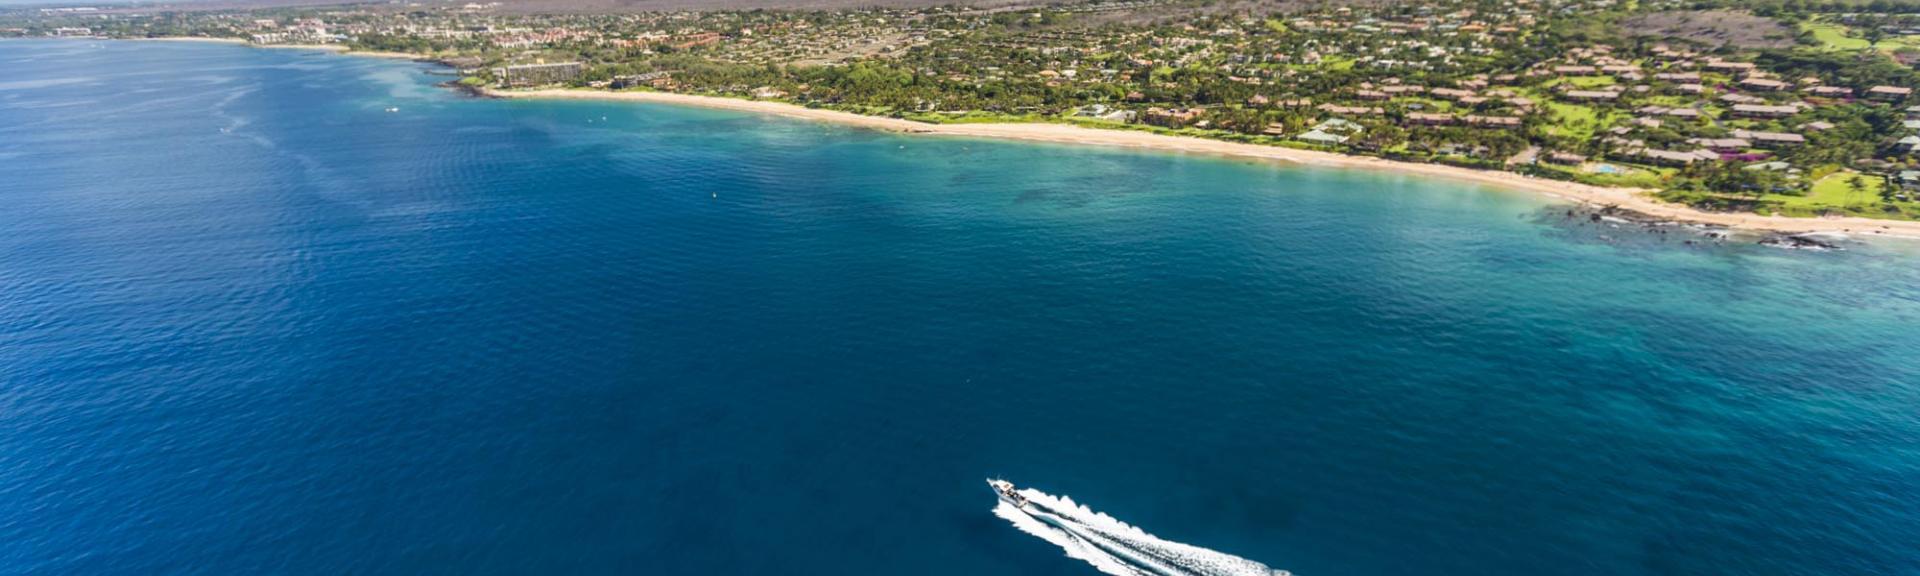 9c1c22f7 Plan Your Trip to the Hawaiian Islands   Go Hawaii